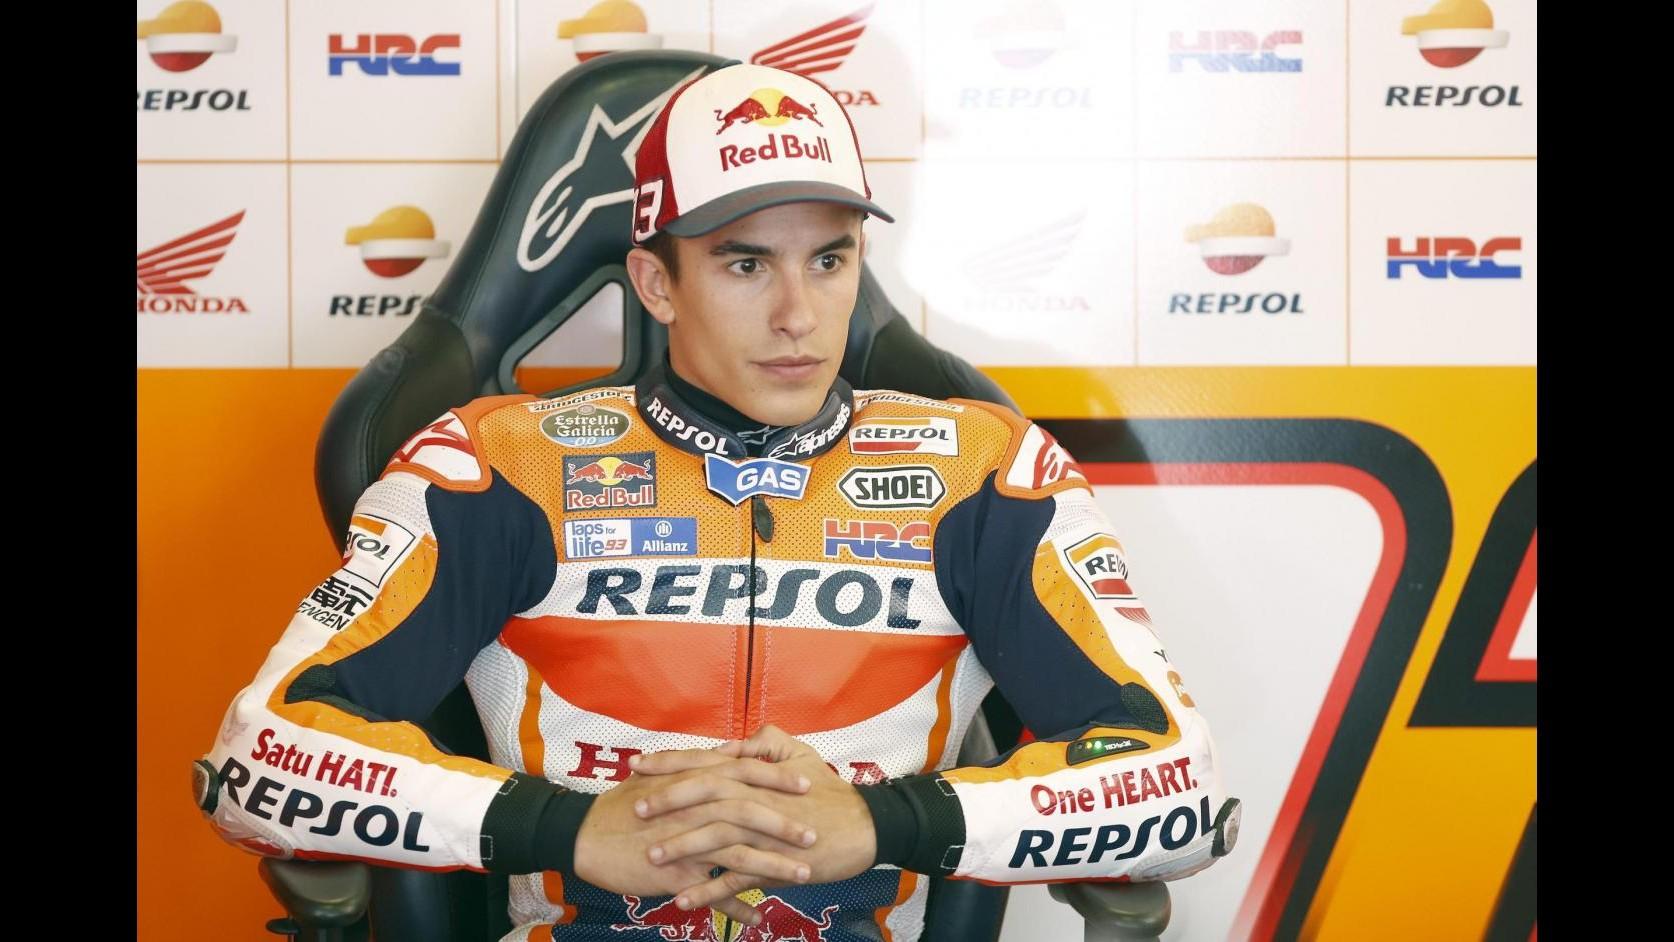 MotoGp, stampa spagnola: Marquez spintonato e insultato da inviati Iene